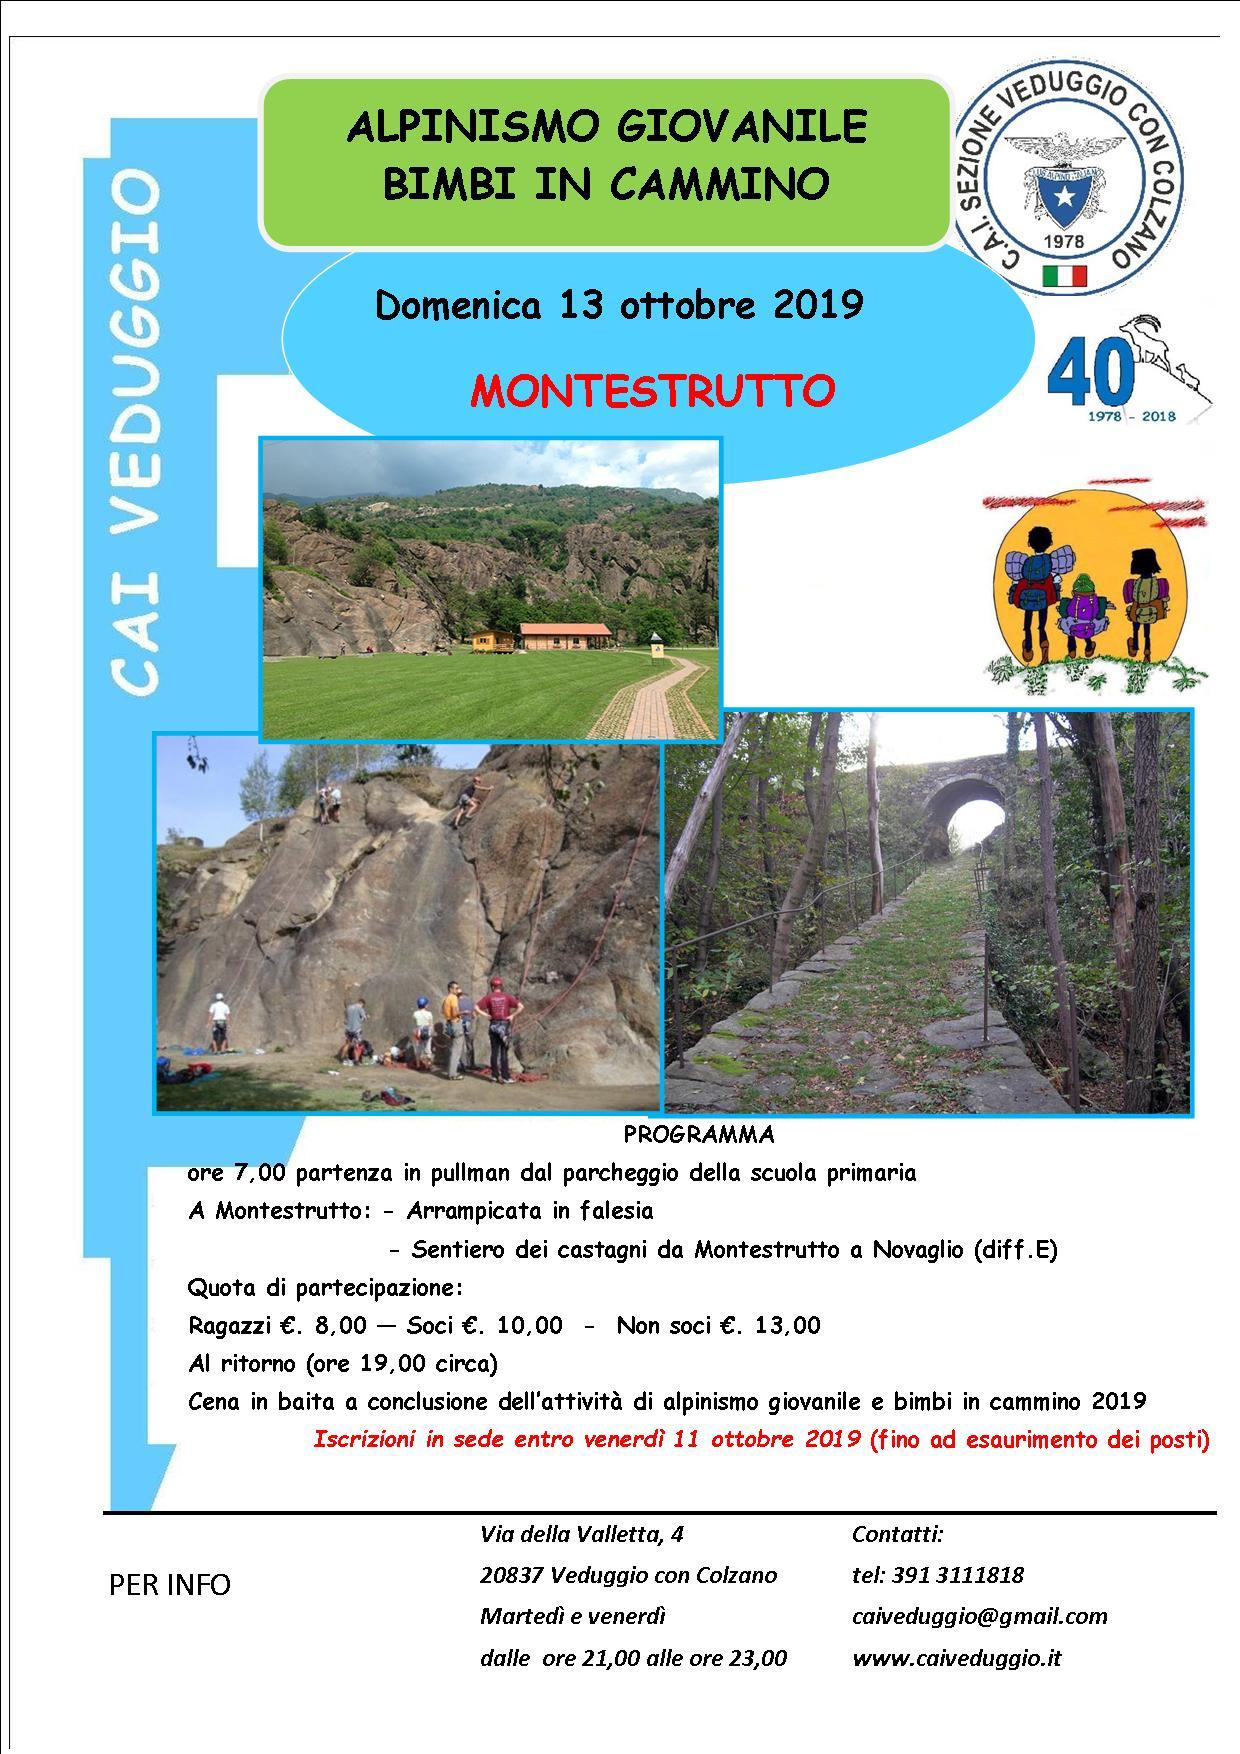 Domenica 13 ottobre 2019 – Alpinismo Giovanile/Bimbi in cammino – Escursione a Montestrutto